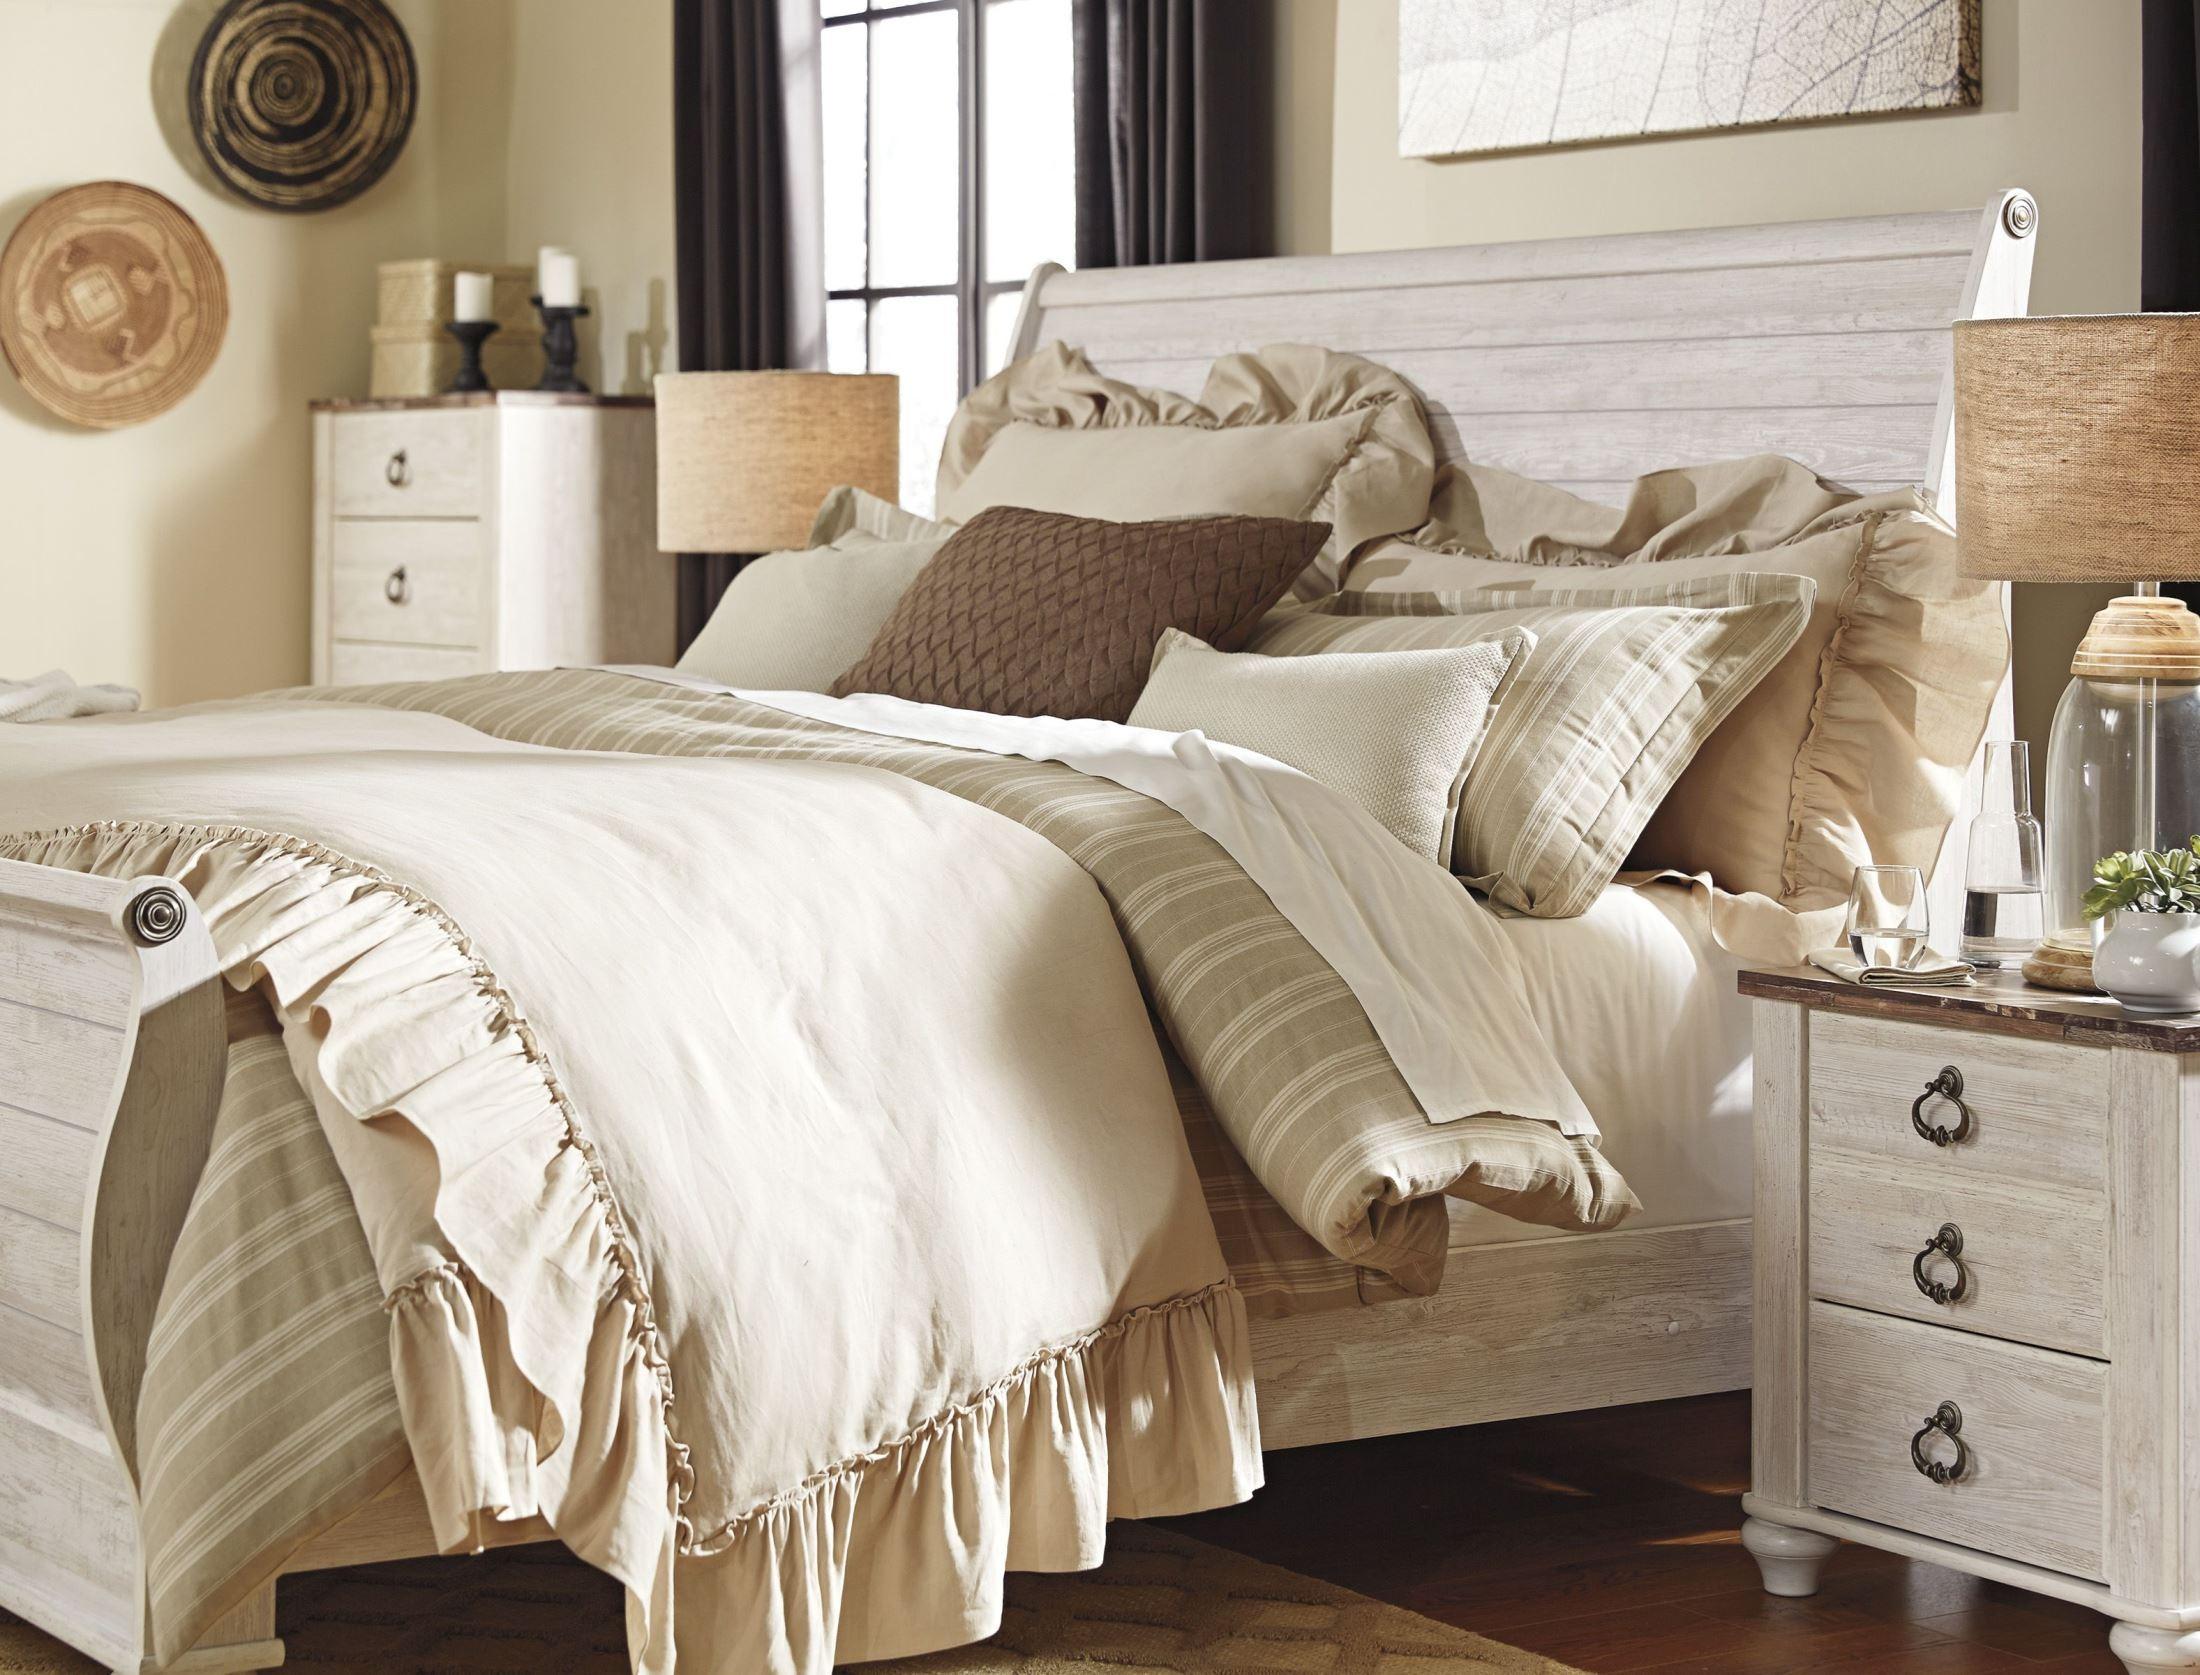 willowton whitewash sleigh bedroom set b267 74 77 96